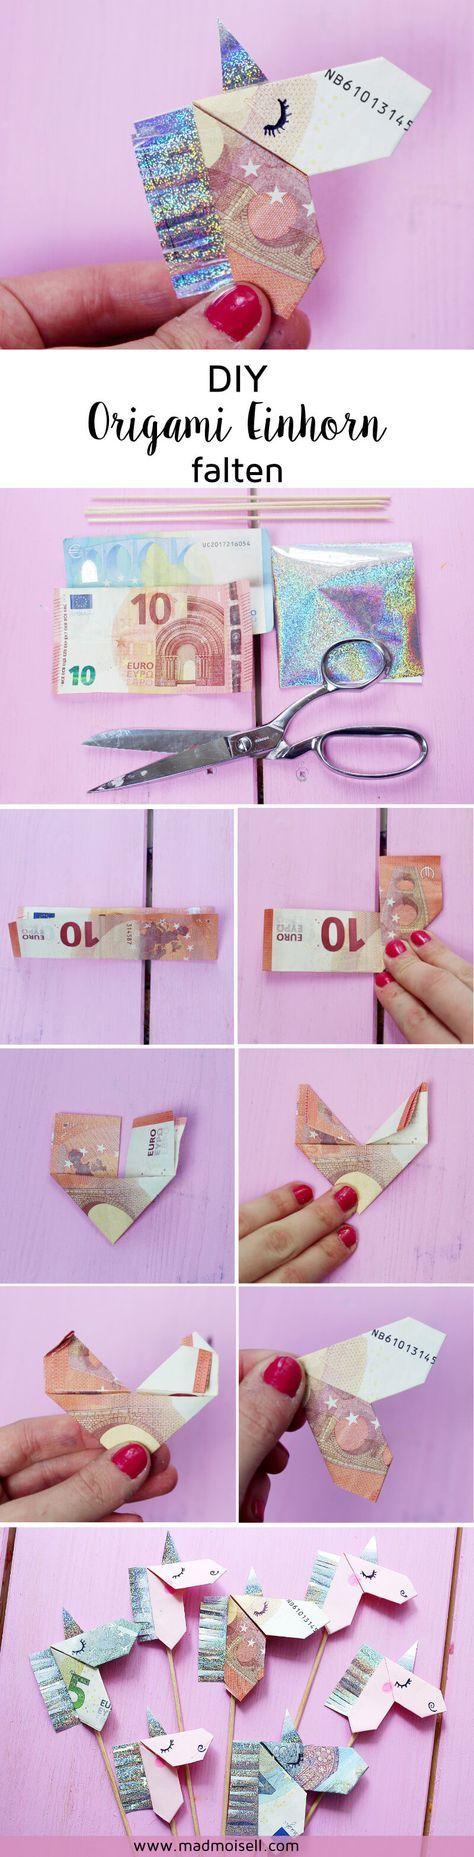 geldscheine kreativ zum origami einhorn falten diy anleitung deko pinterest geschenke. Black Bedroom Furniture Sets. Home Design Ideas